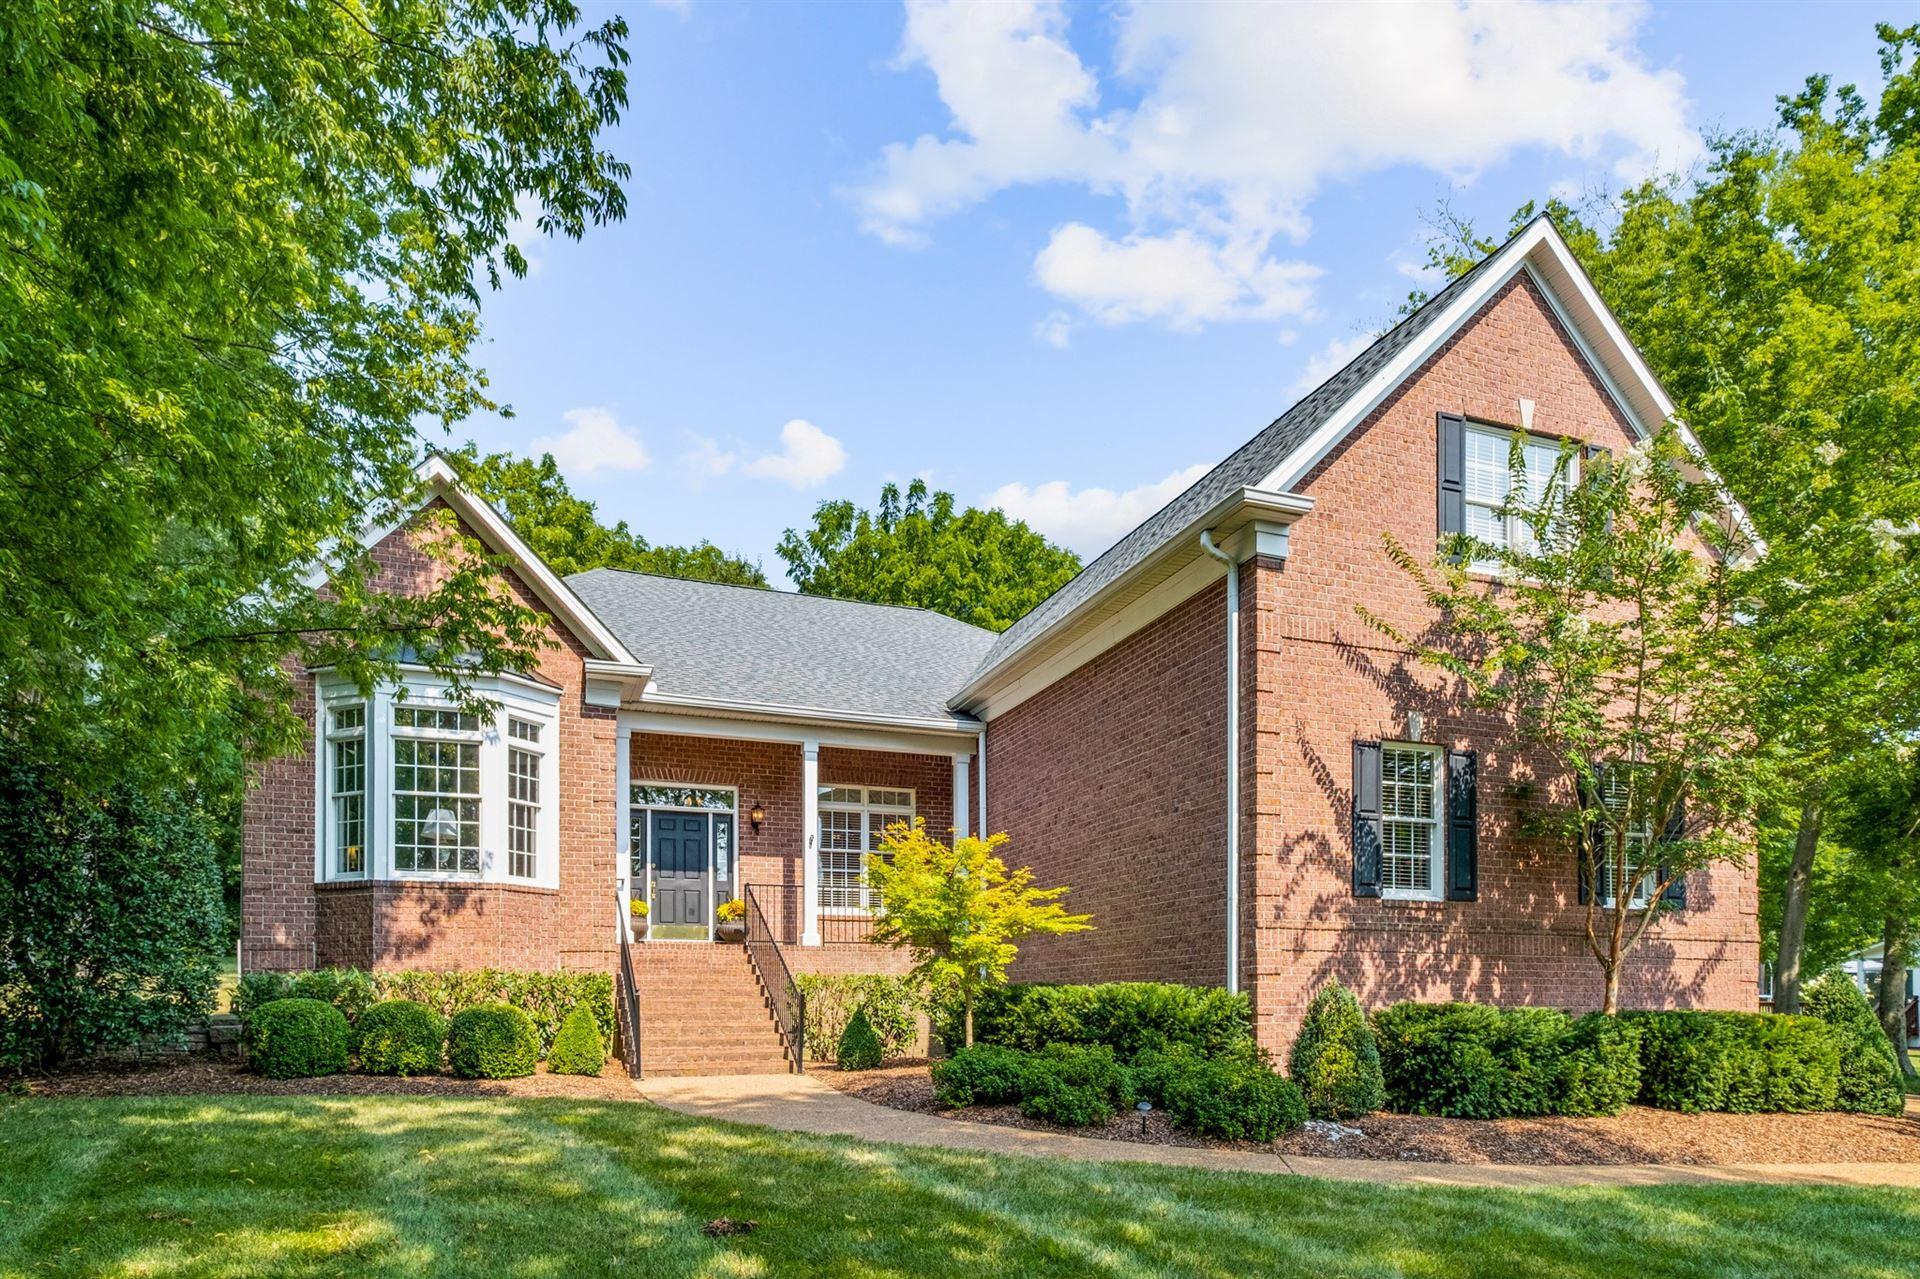 9049 Fallswood Ln, Brentwood, TN 37027 - MLS#: 2277160